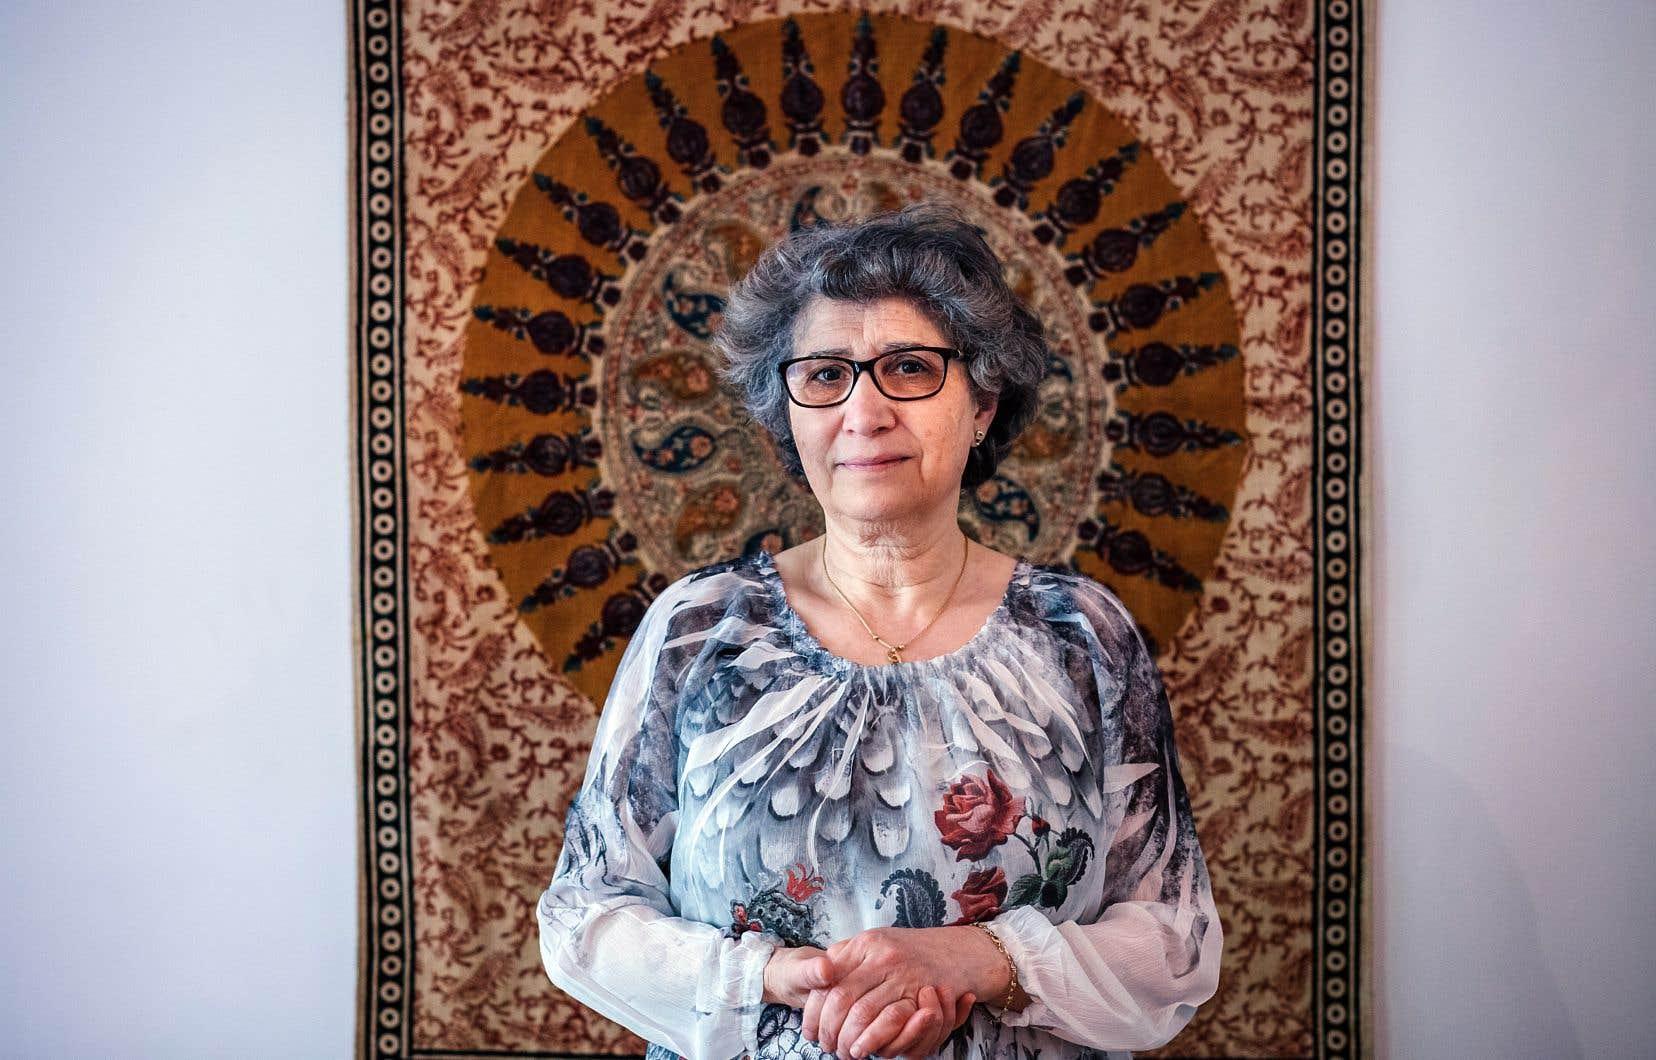 Les patients psychiatriques sont tenus «tranquilles» par une camisole chimique médicamenteuse, déplore Sadia Messaili.